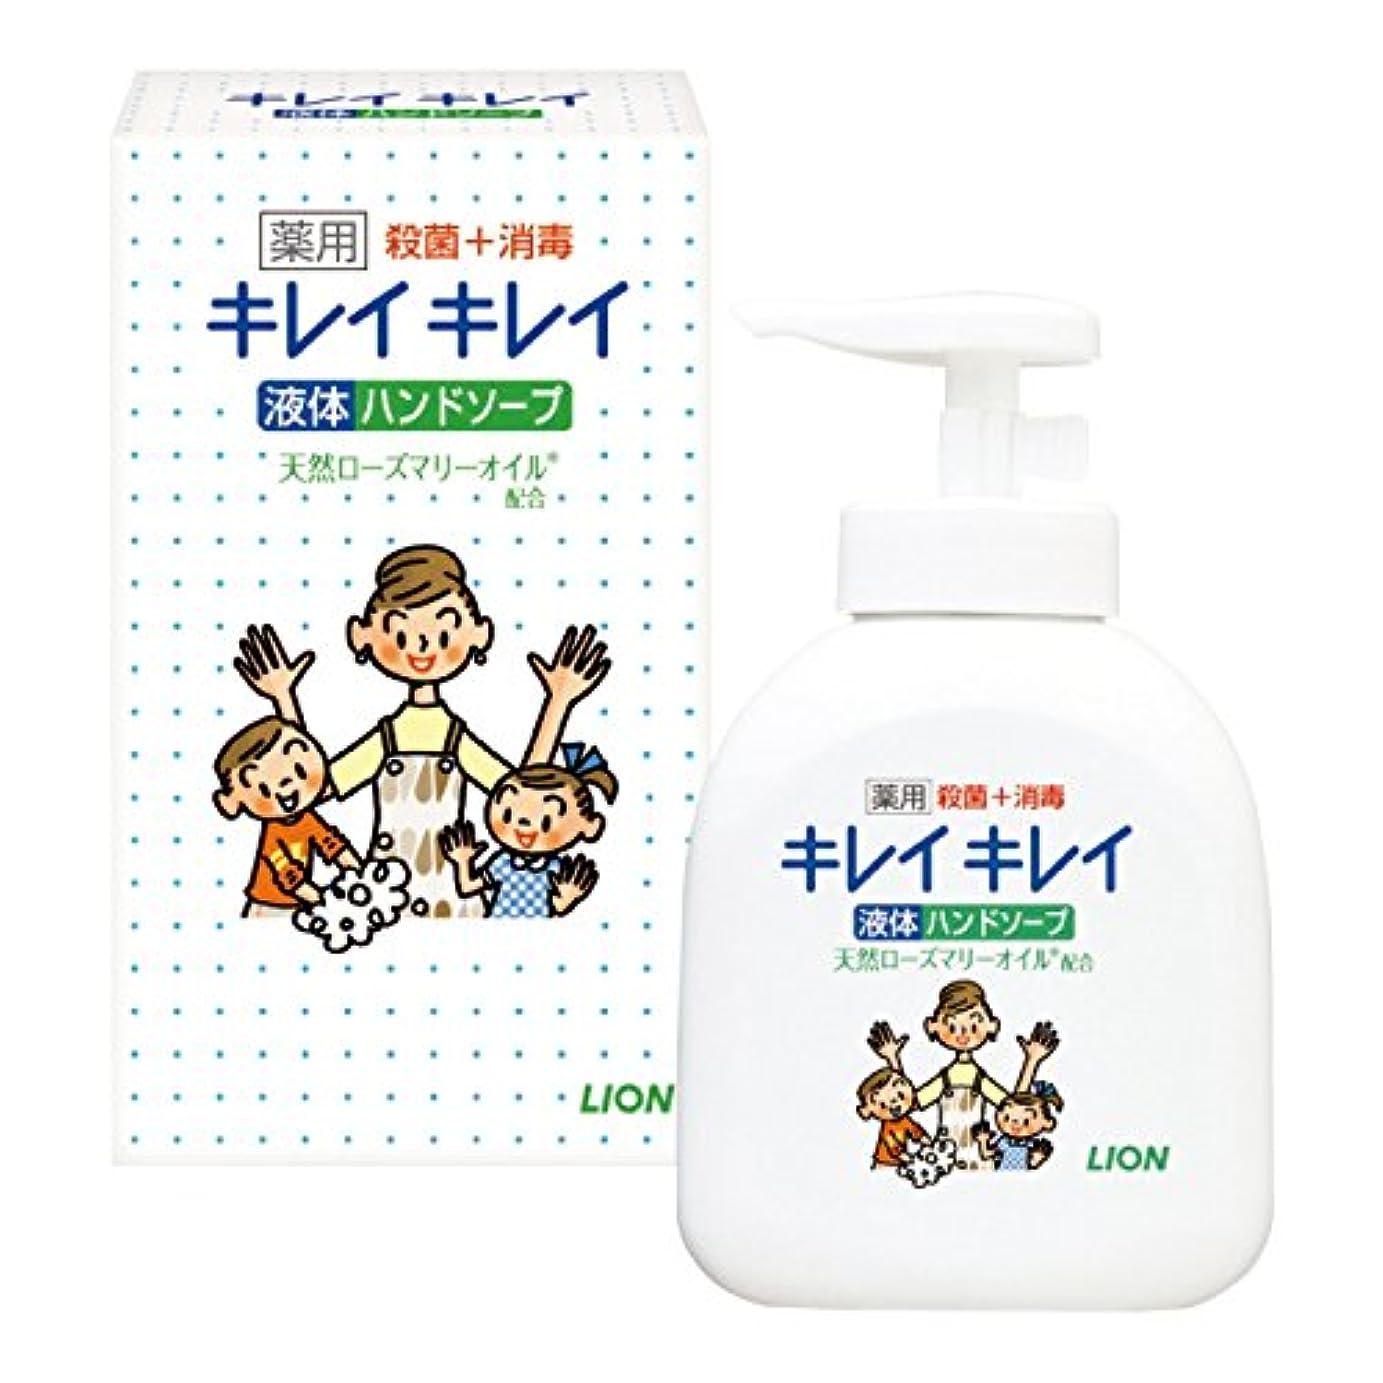 パケットのみ限界キレイキレイ薬用液体ハンドソープ(箱入)【25個セット】